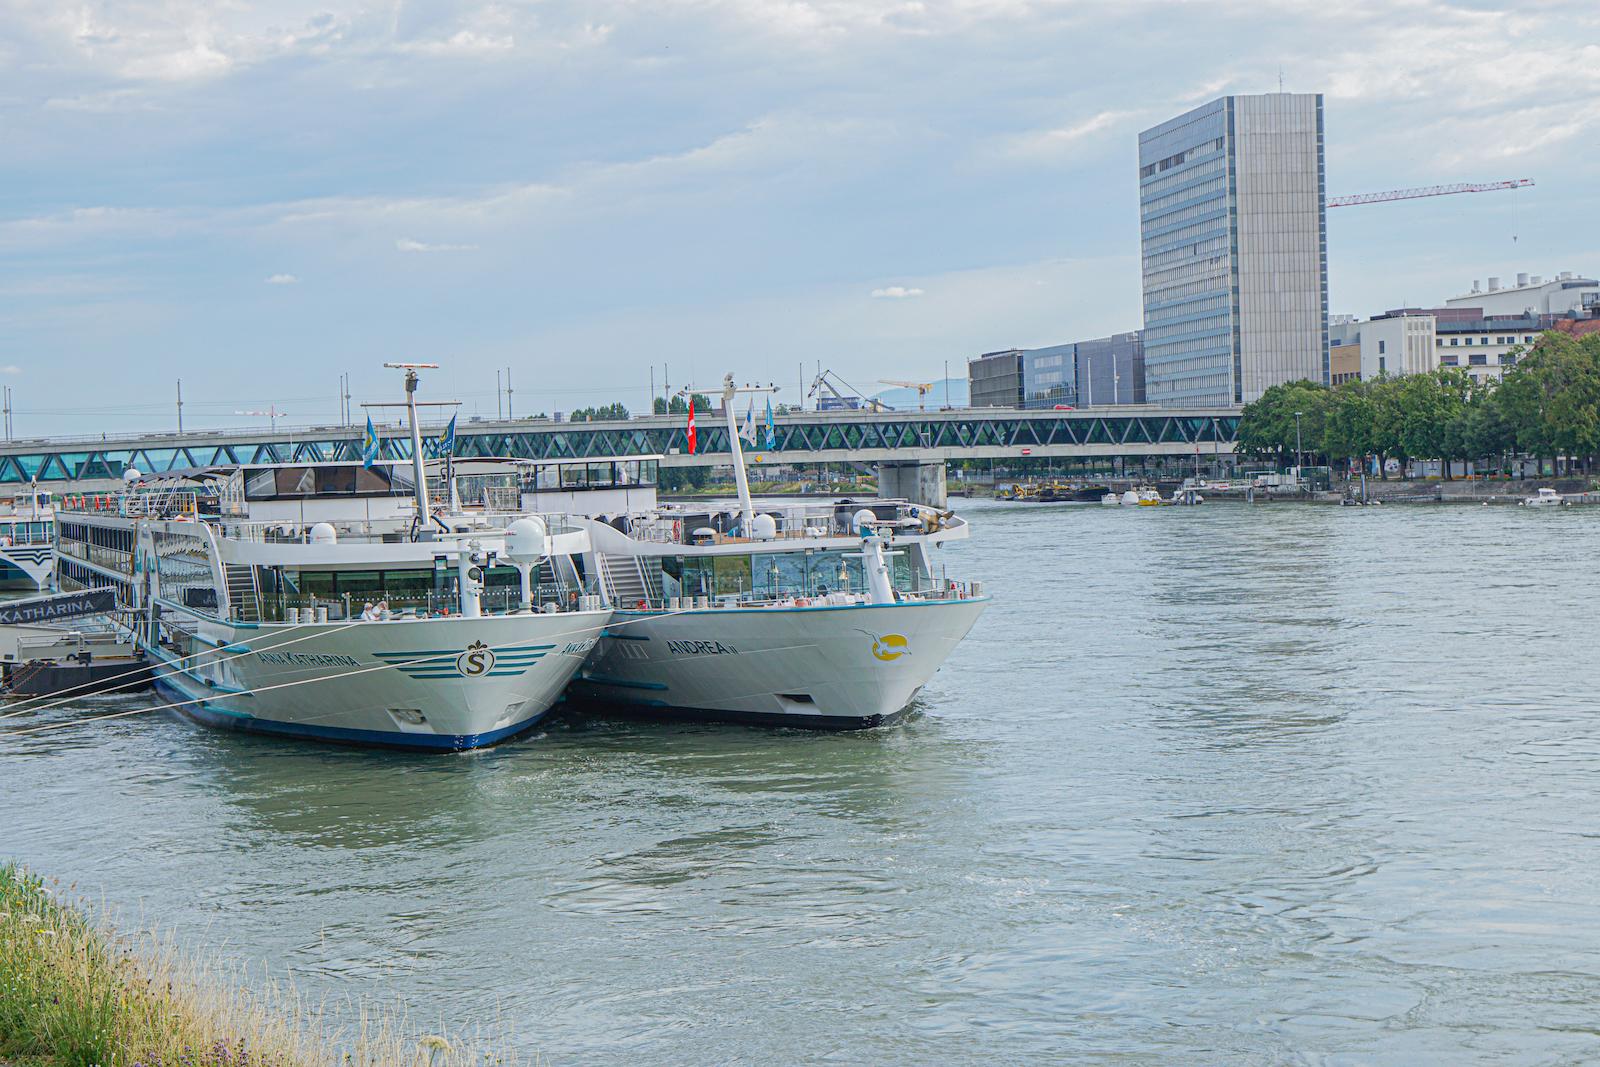 Phoenix Reisen stellt neuen Katalog ,,Fluss und Küsten 2022'' vor